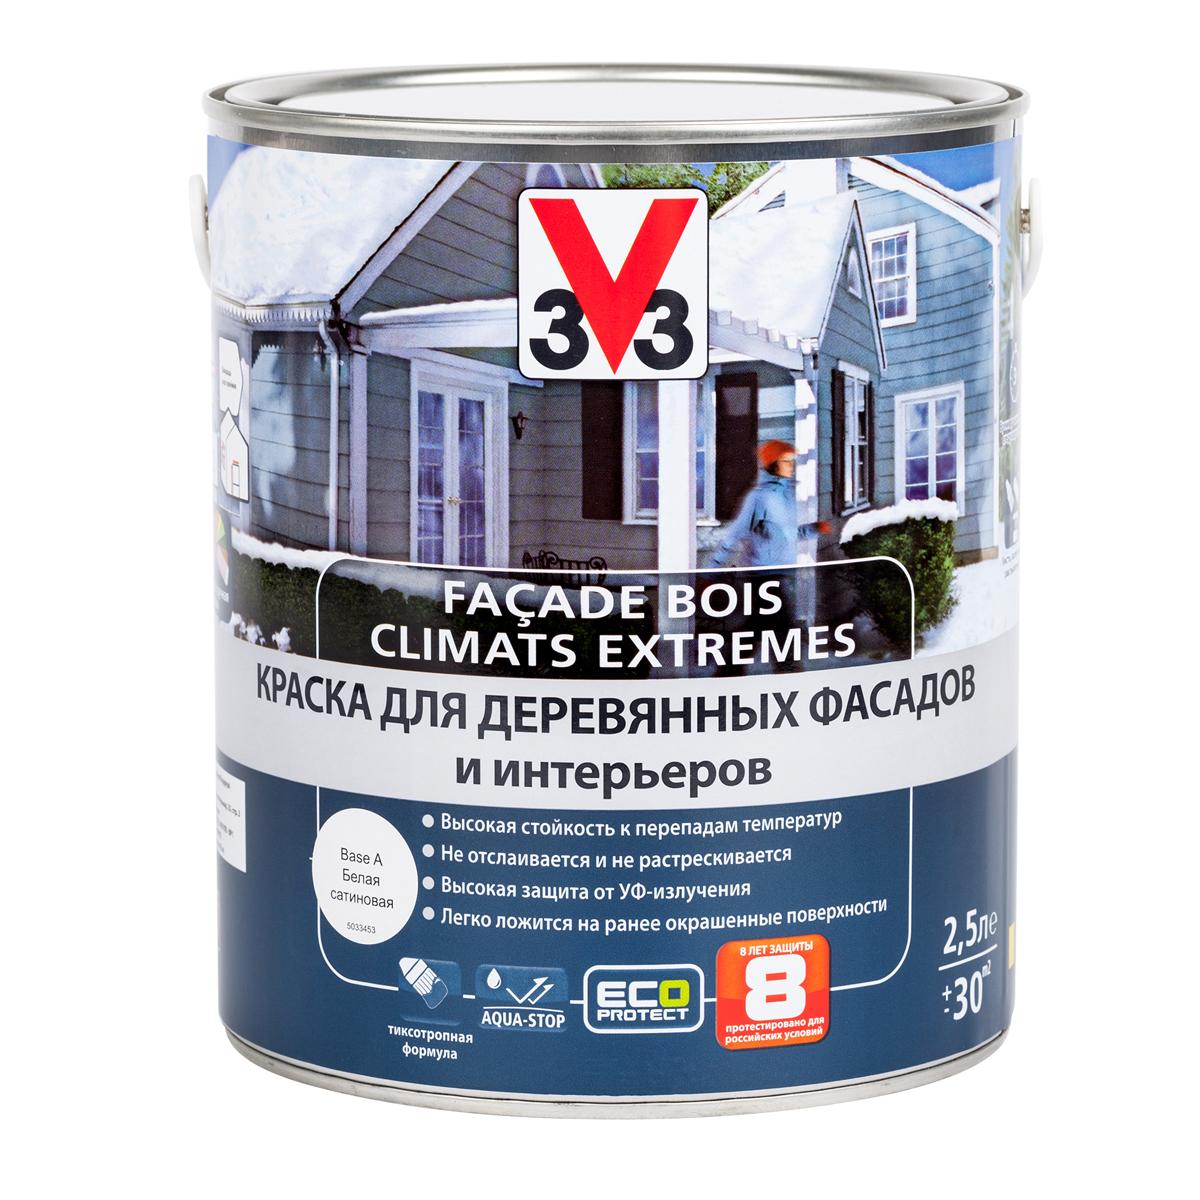 """Краска для деревянных фасадов и интерьеров V33 """"Climats Extrimes"""", цвет: белый, 2,5 л 110368"""